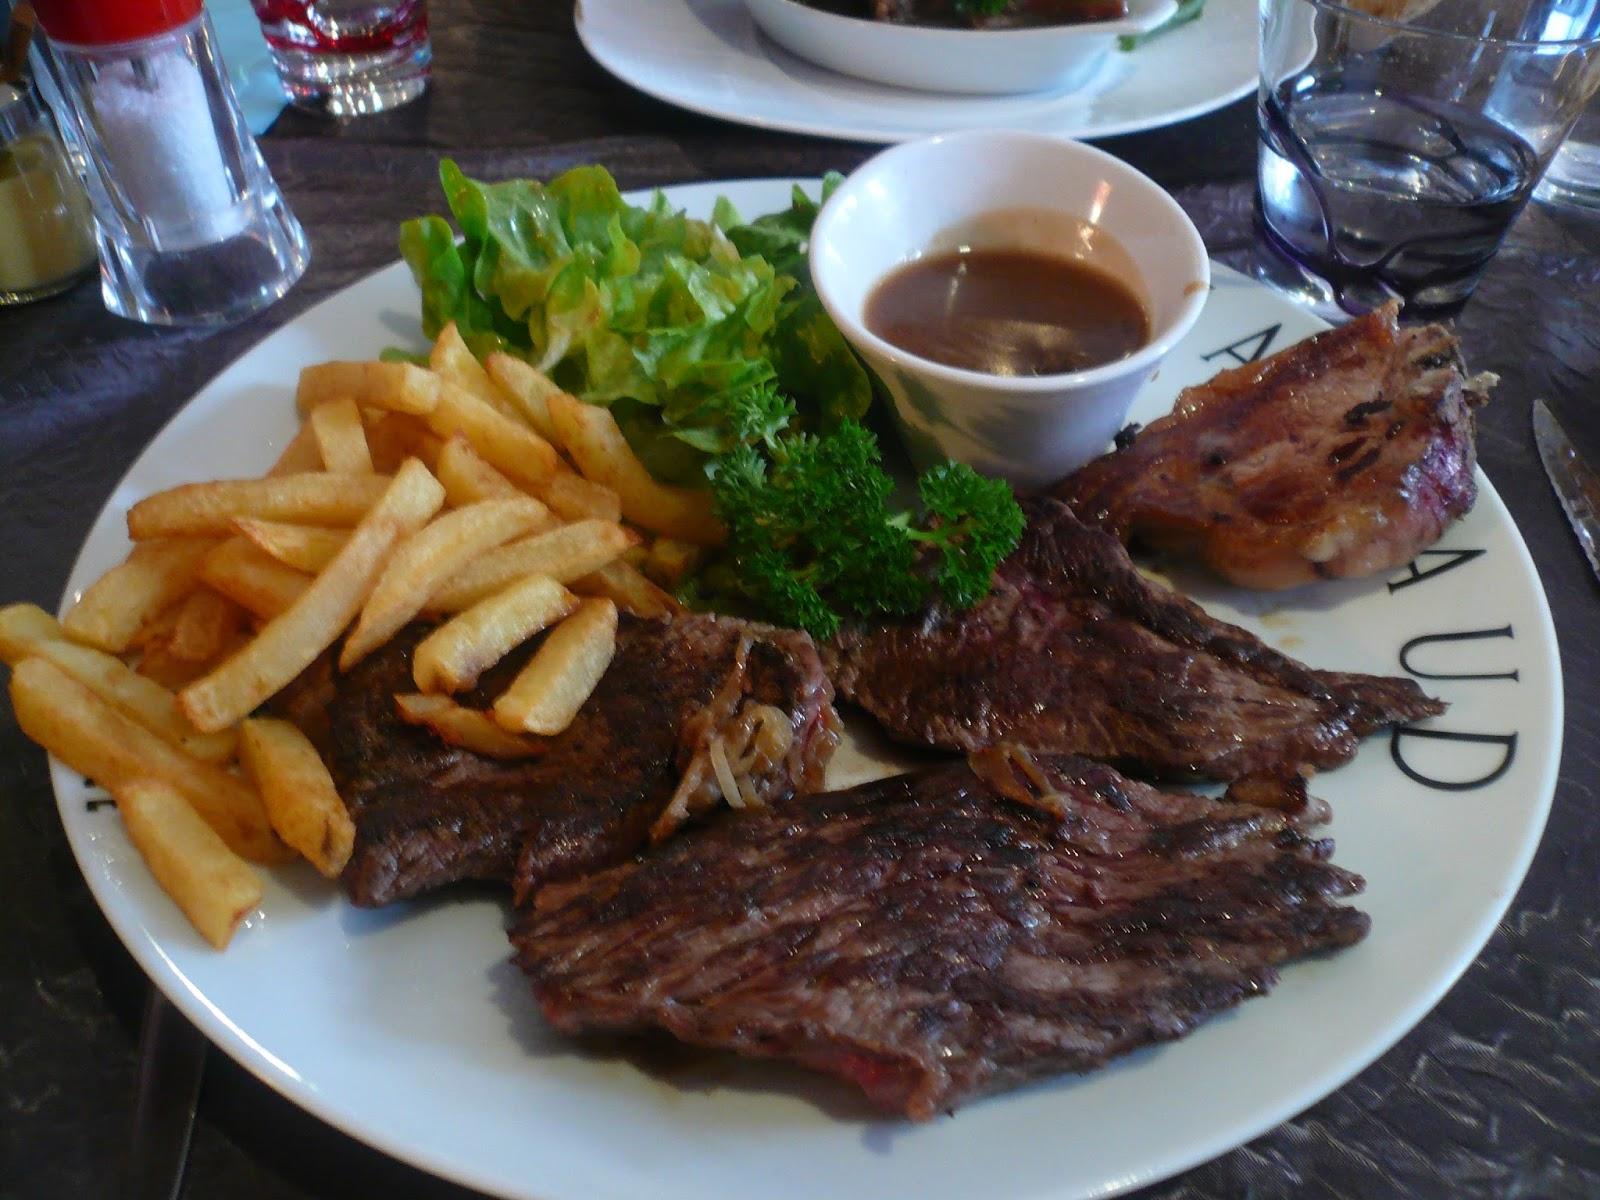 Positive eating positive living restaurant le geyracois limoges - La cuisine vient a vous limoges ...